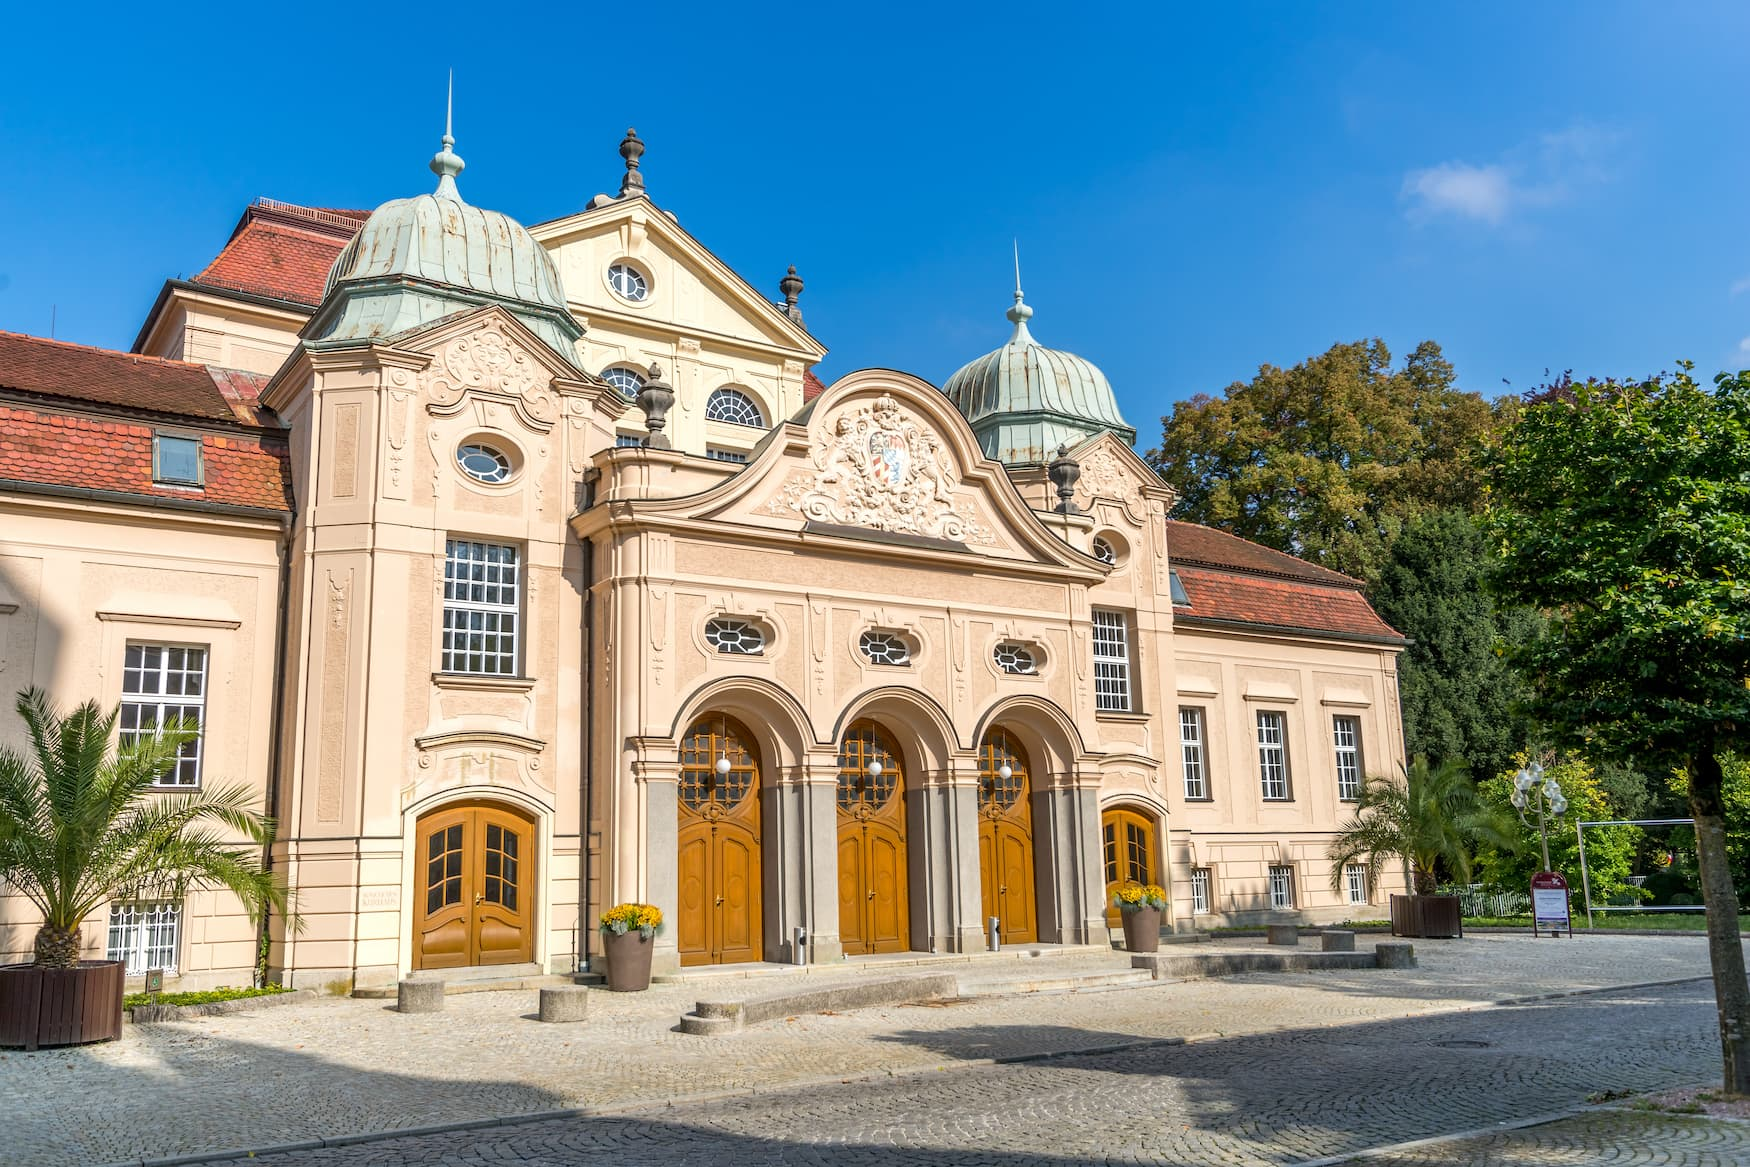 Der Königliche KurgartenBad Reichenhall ist einer der schönsten Kurparks in Bayern